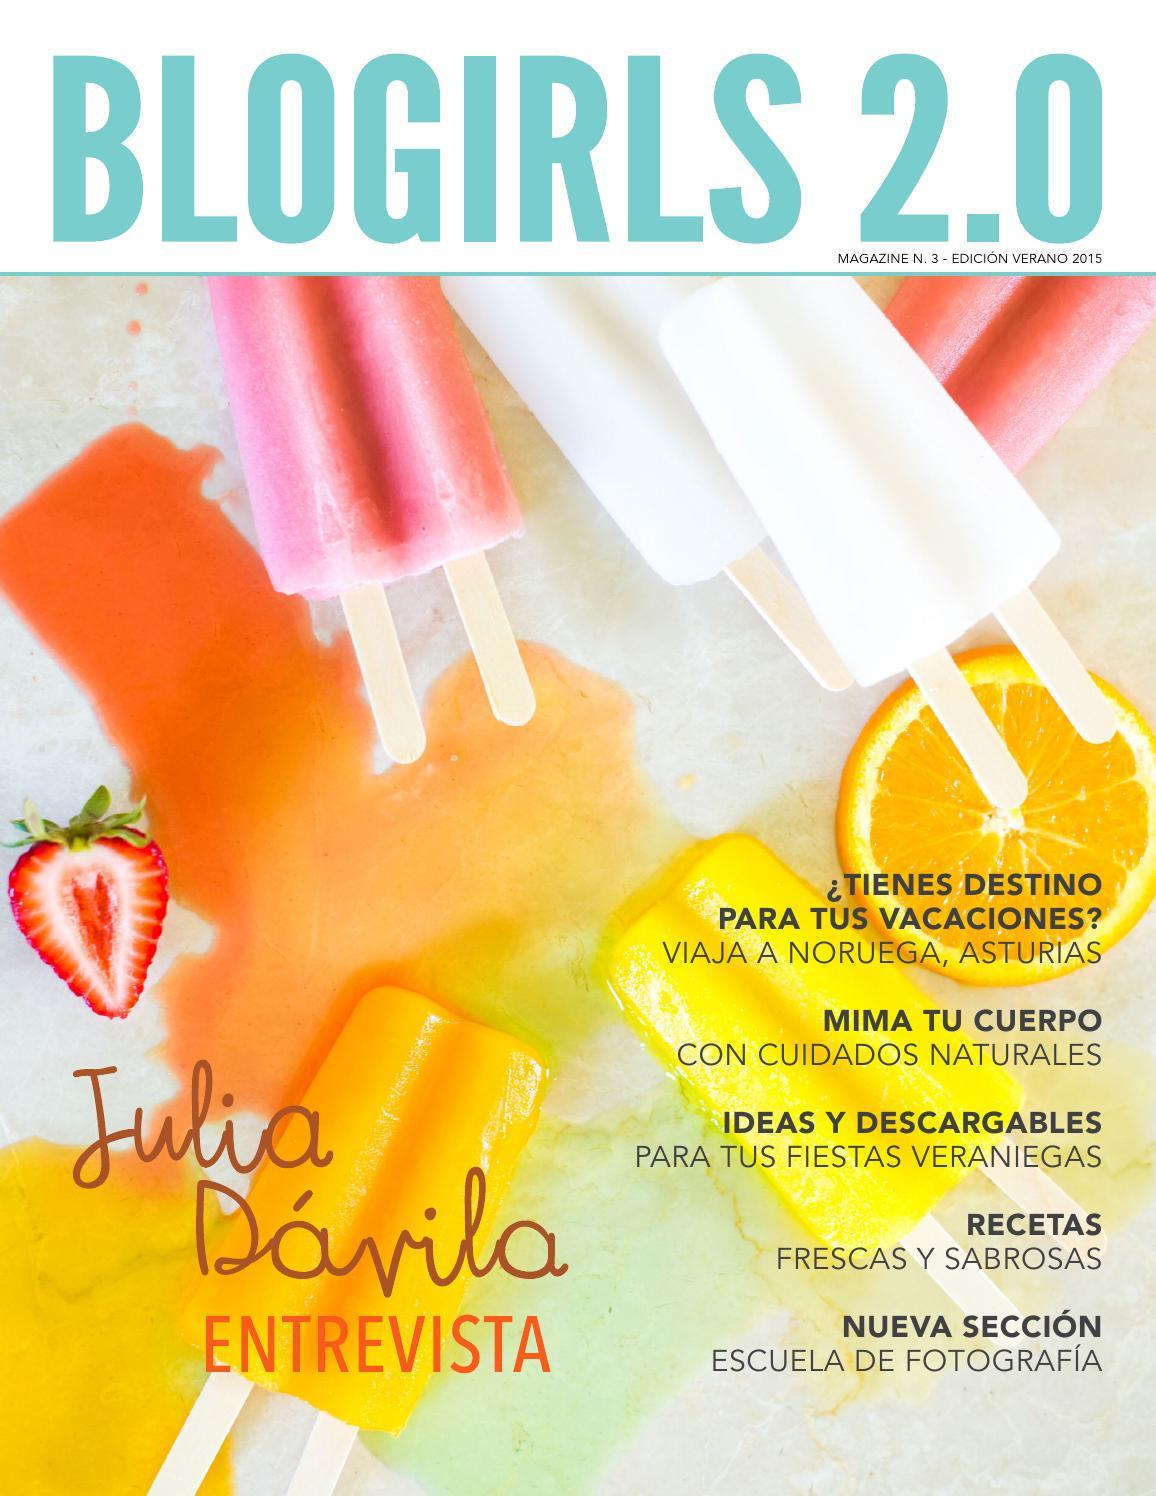 Verano 2015 by Blogirls 2.0  81e007056c6e4